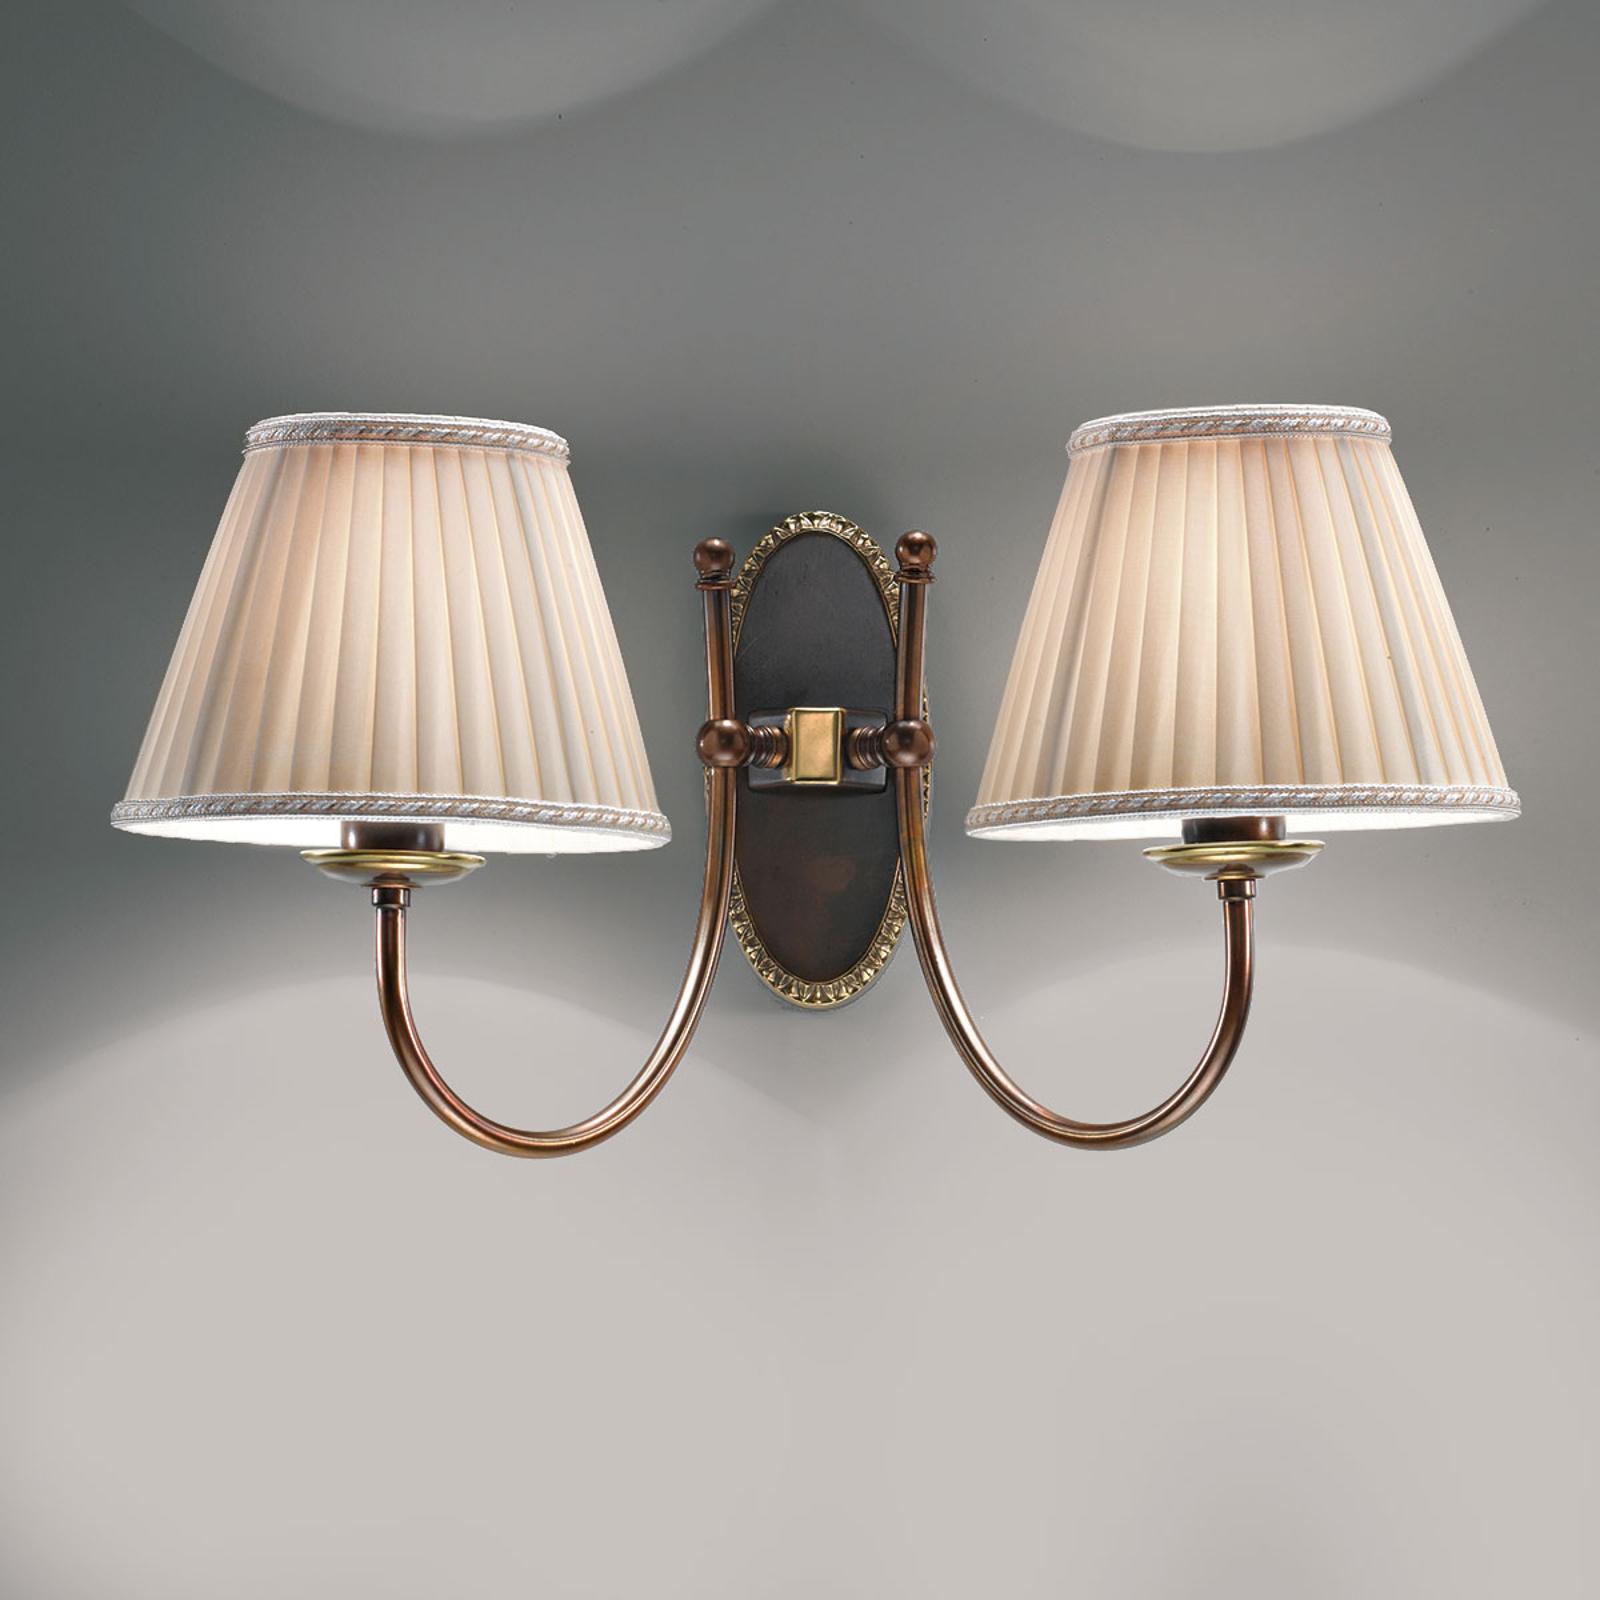 Bemærkelsesværdig Classic væglampe